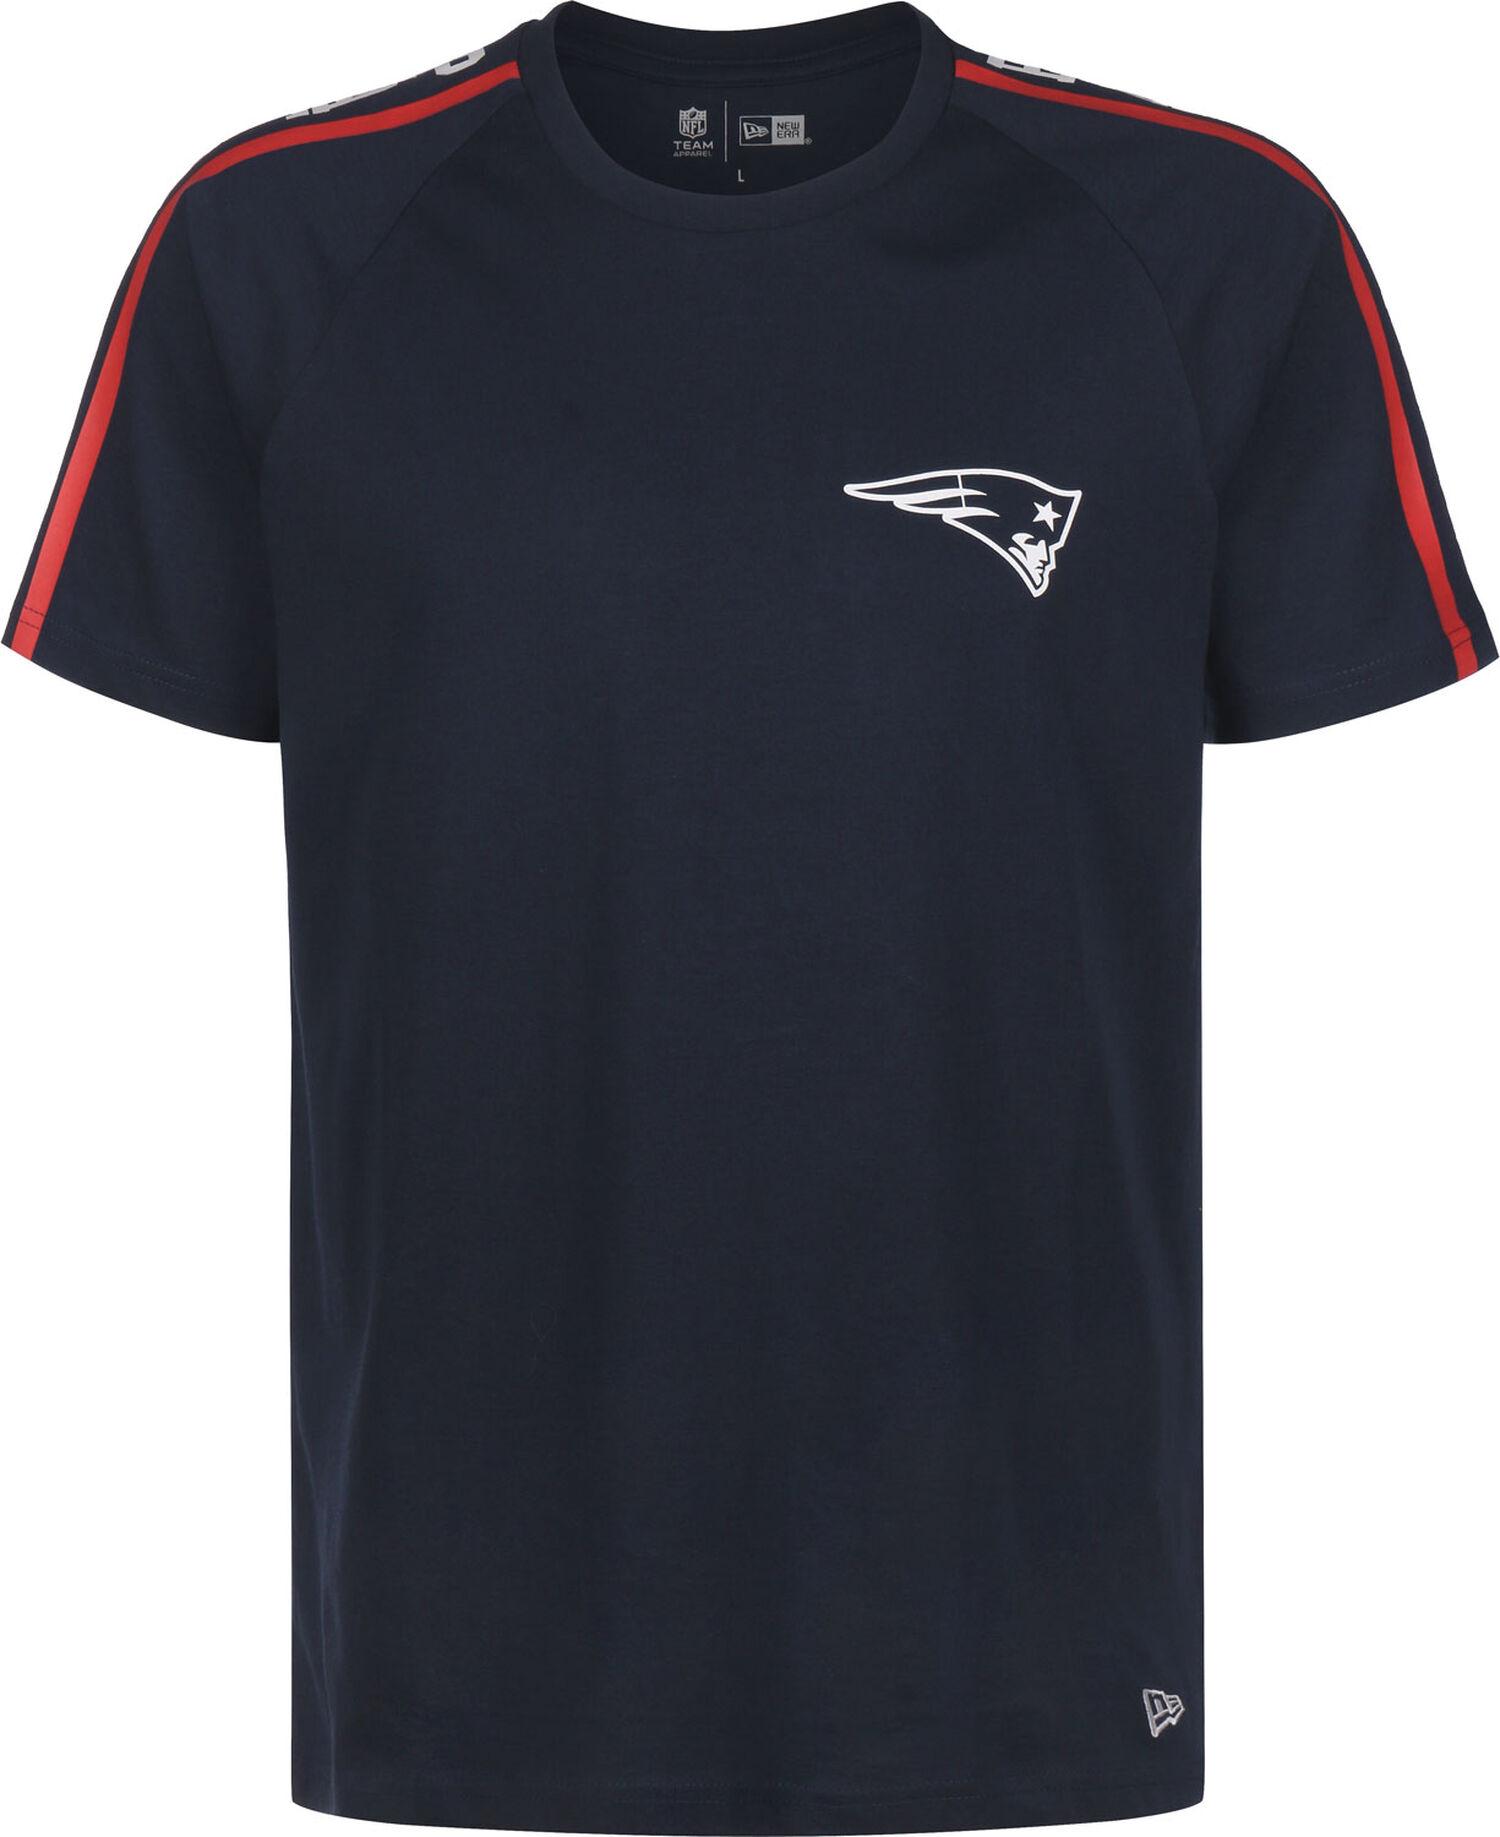 NFL Raglan Shoulder Print New England Patriots